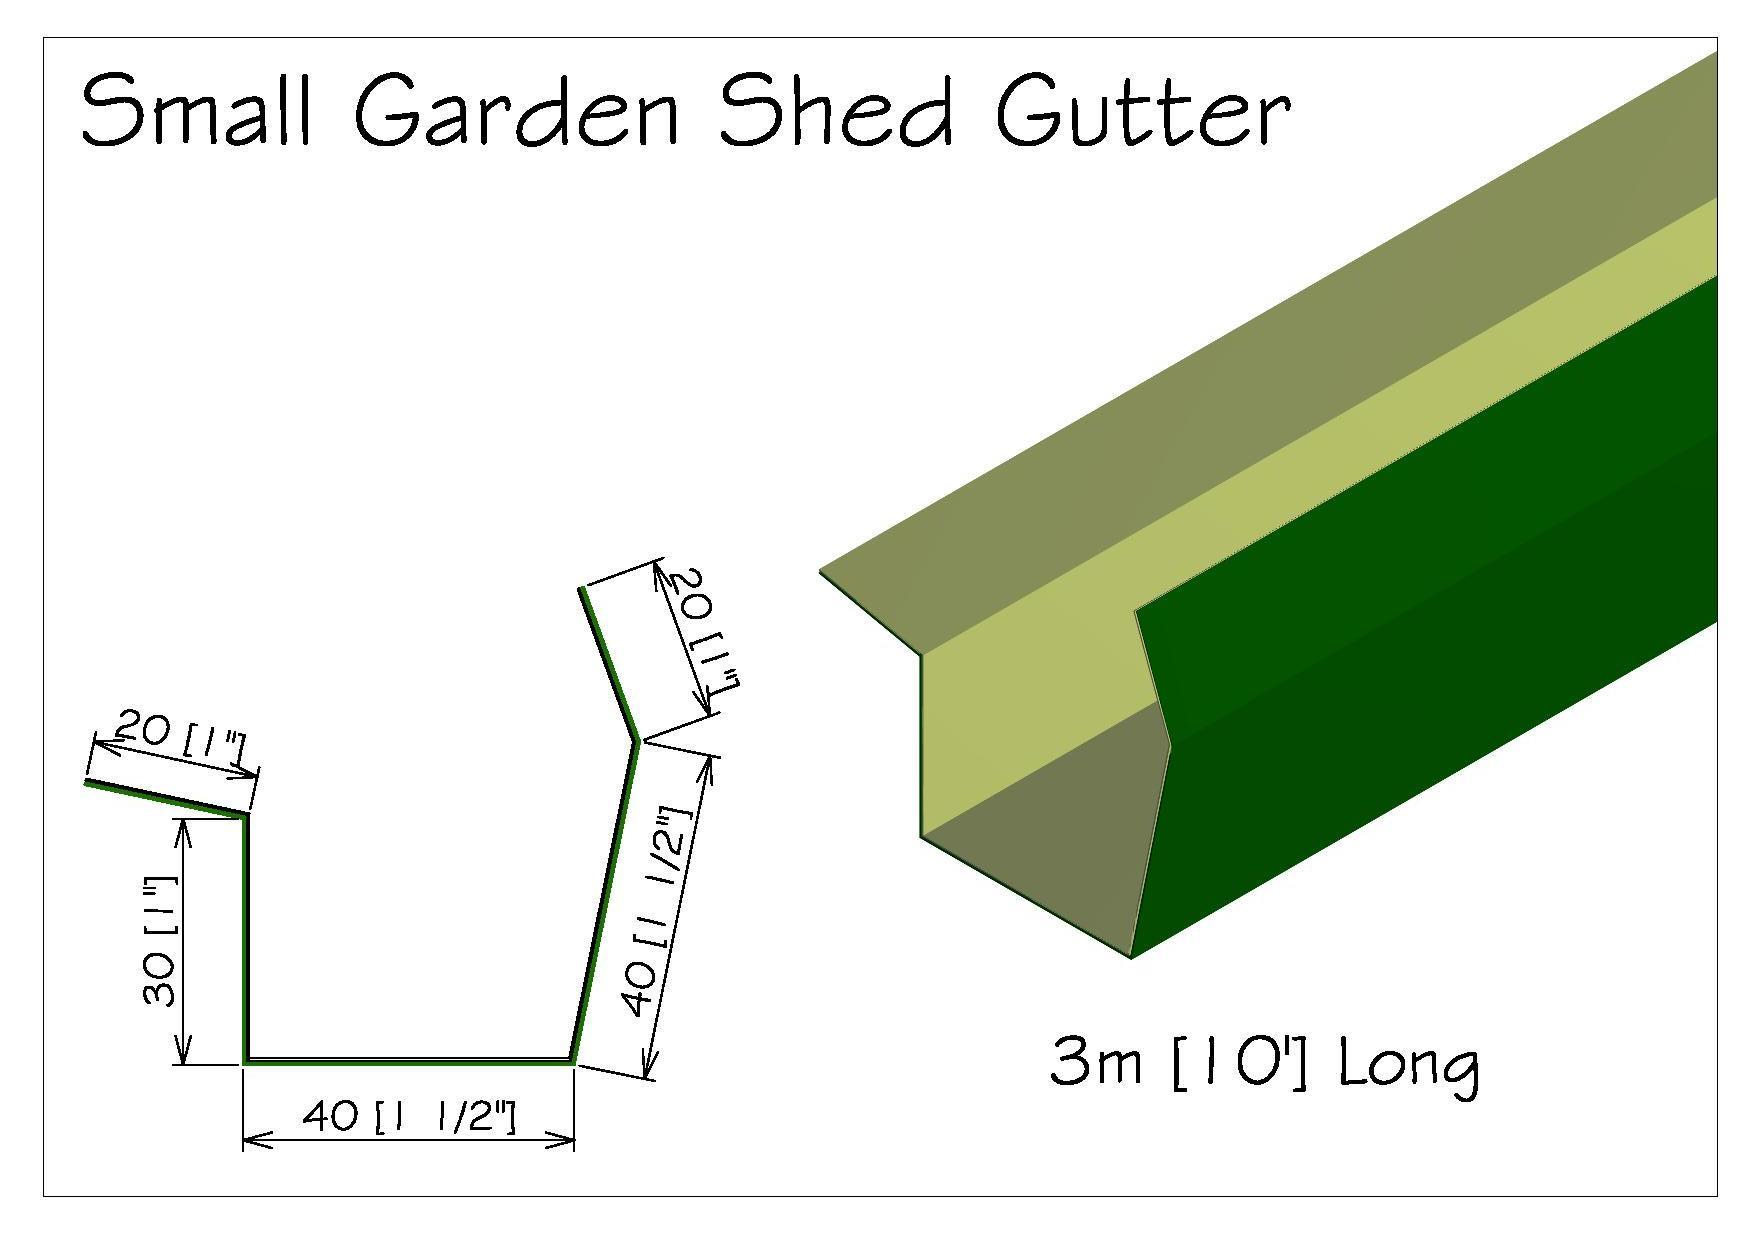 Torkela: Access Garden shed gutter